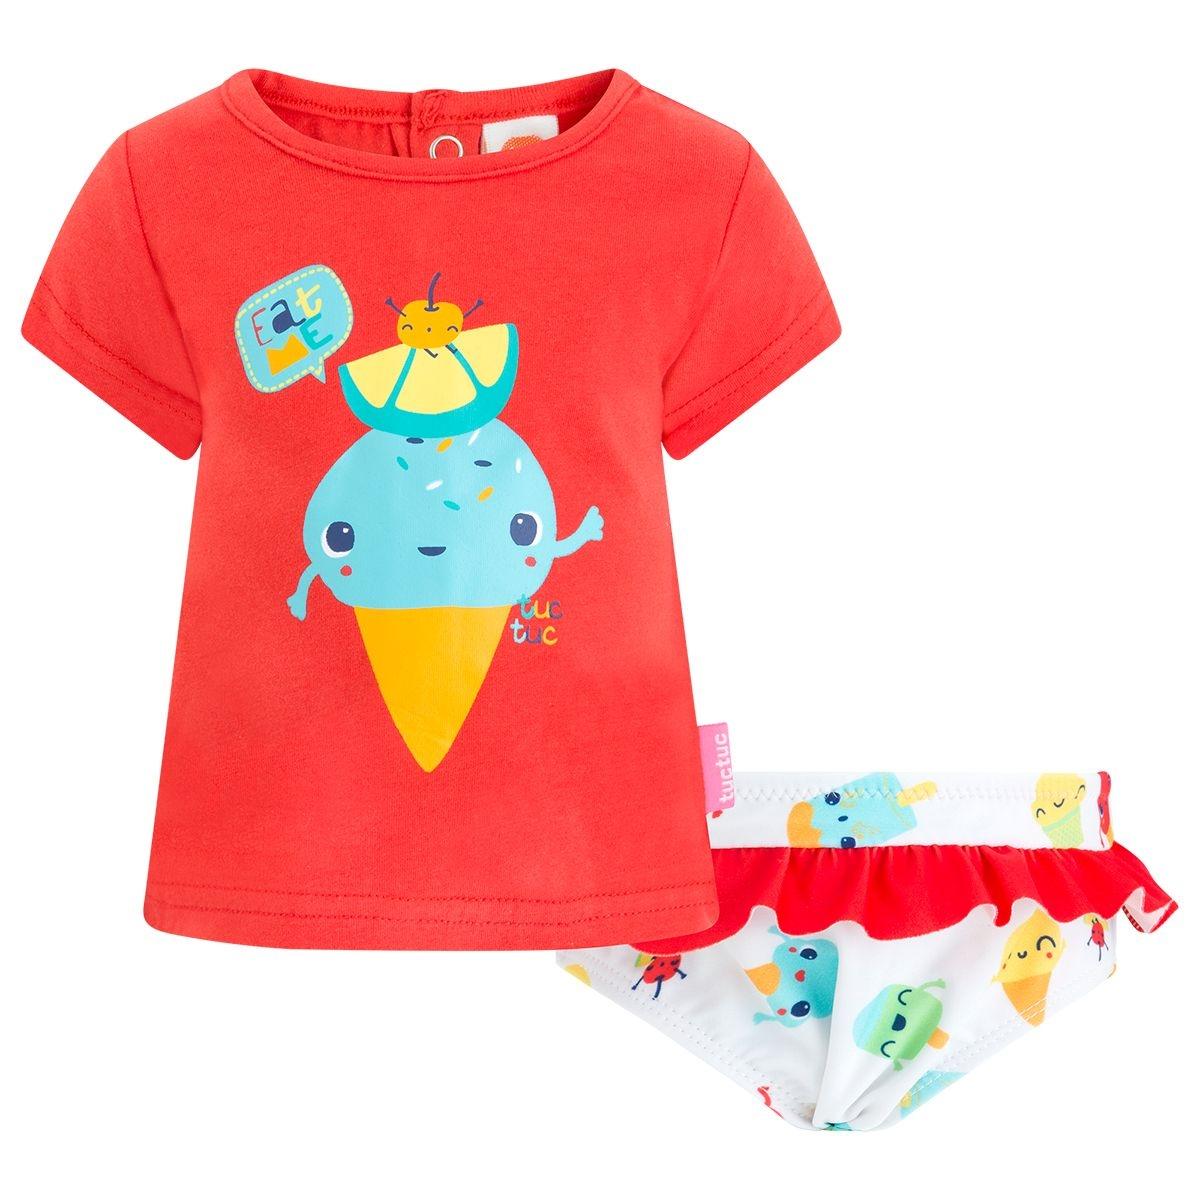 Culotte de bain lycra+tee-shirt jersey